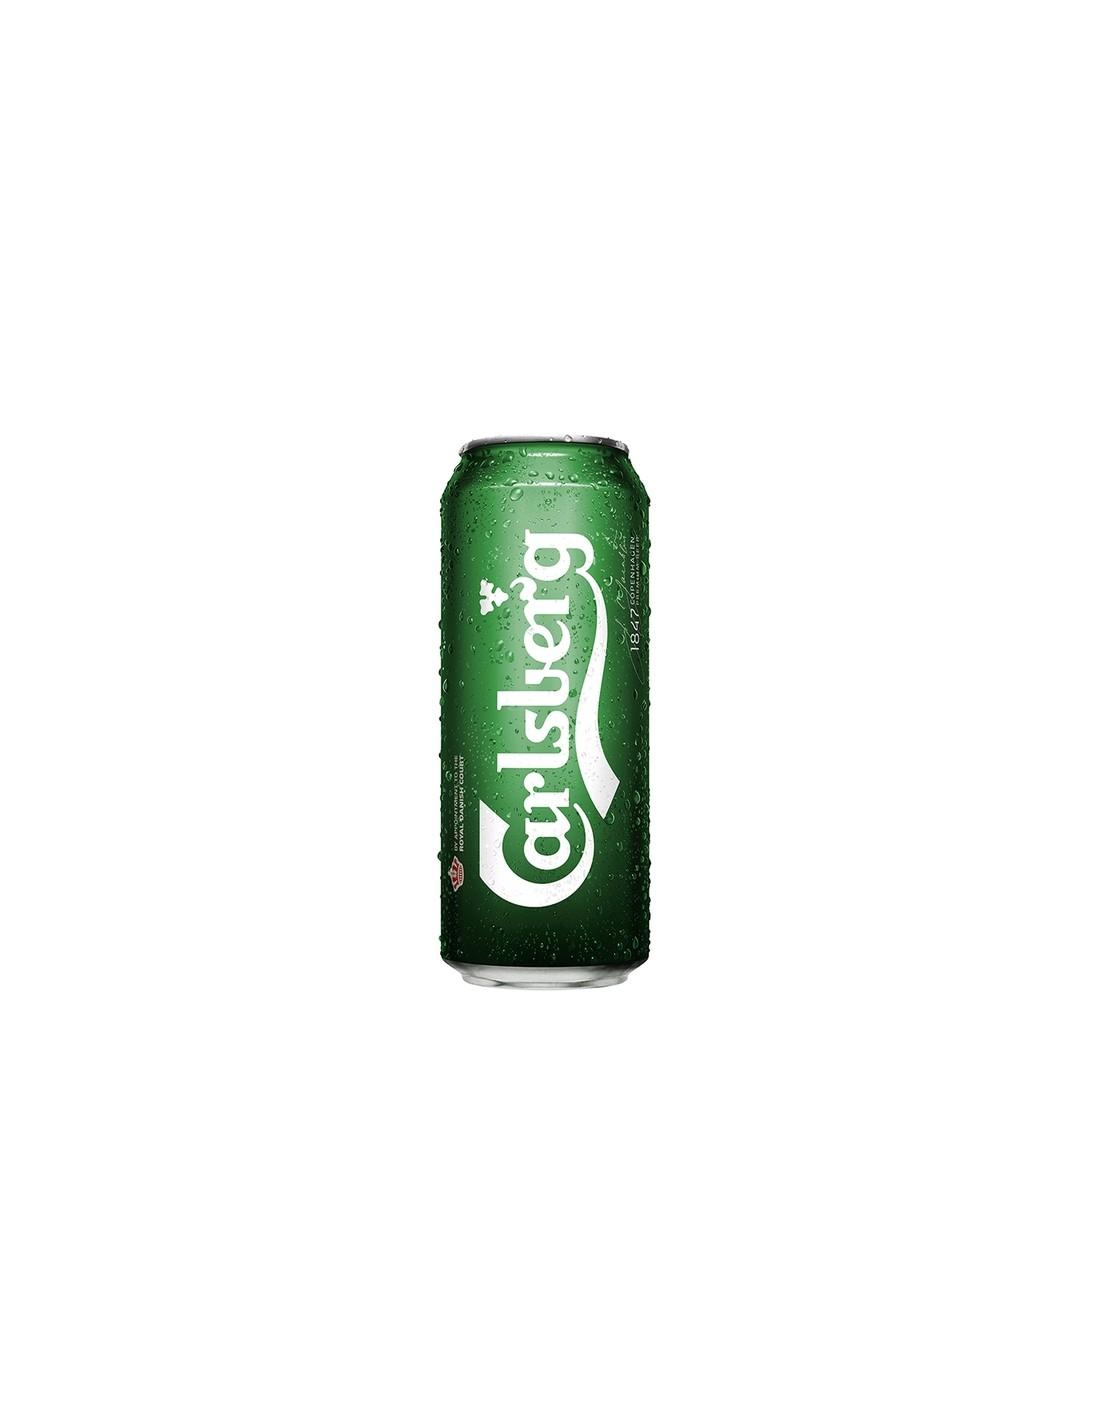 Bere blonda Carlsberg, 5.2% alc., 0.5L, Romania